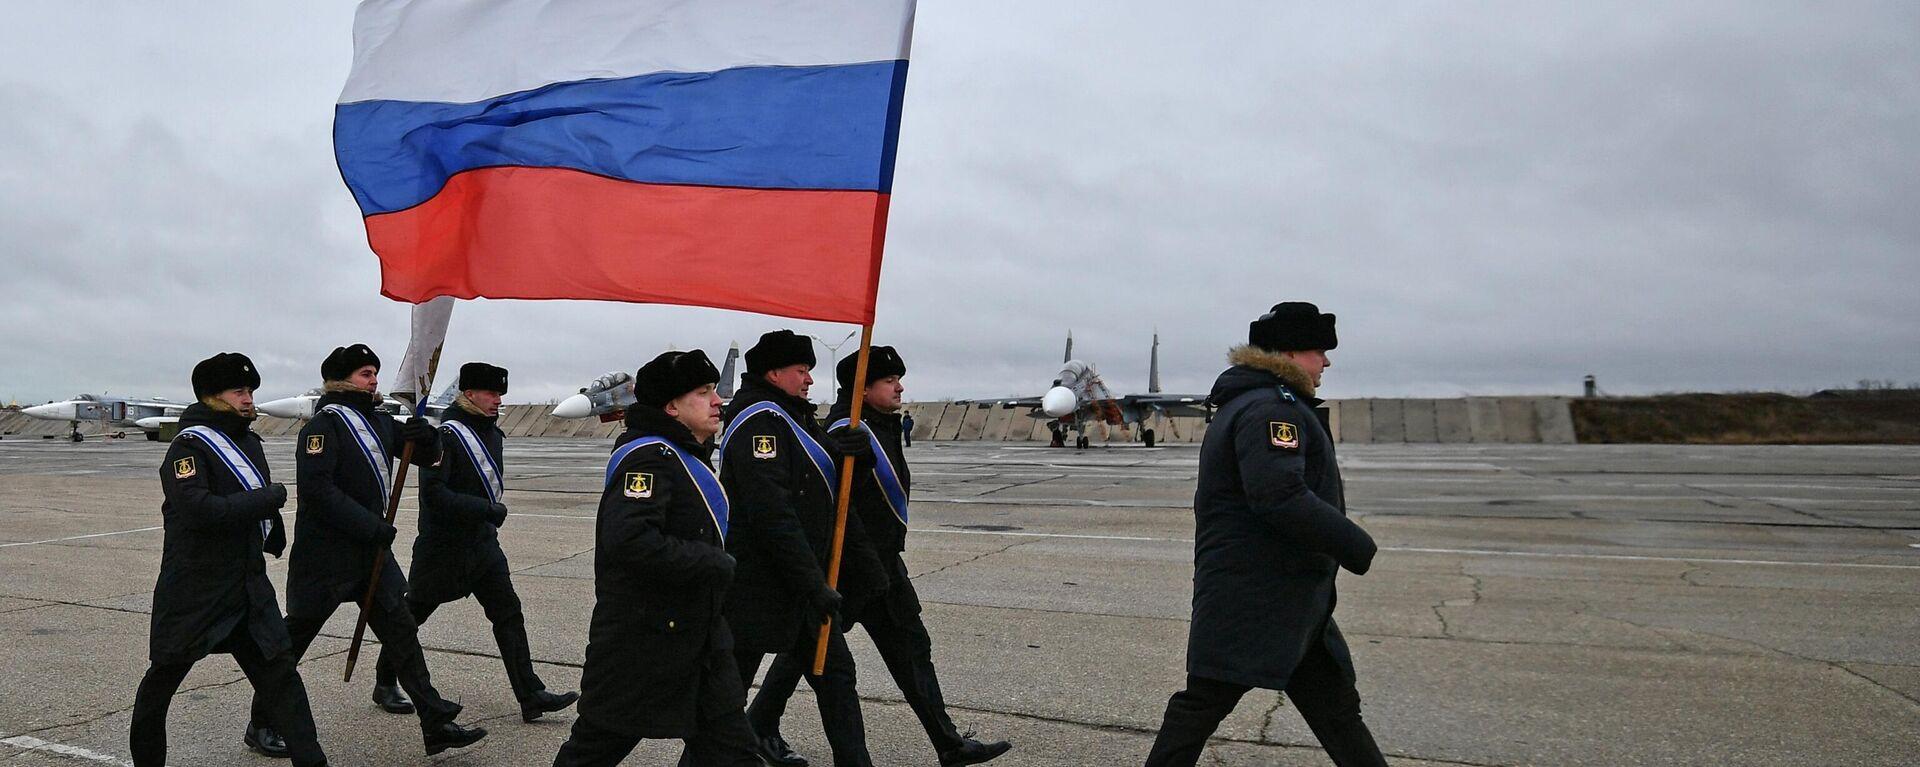 Russische Militärs auf einem Flugplatz auf der Krim (Archivbild) - SNA, 1920, 14.04.2021